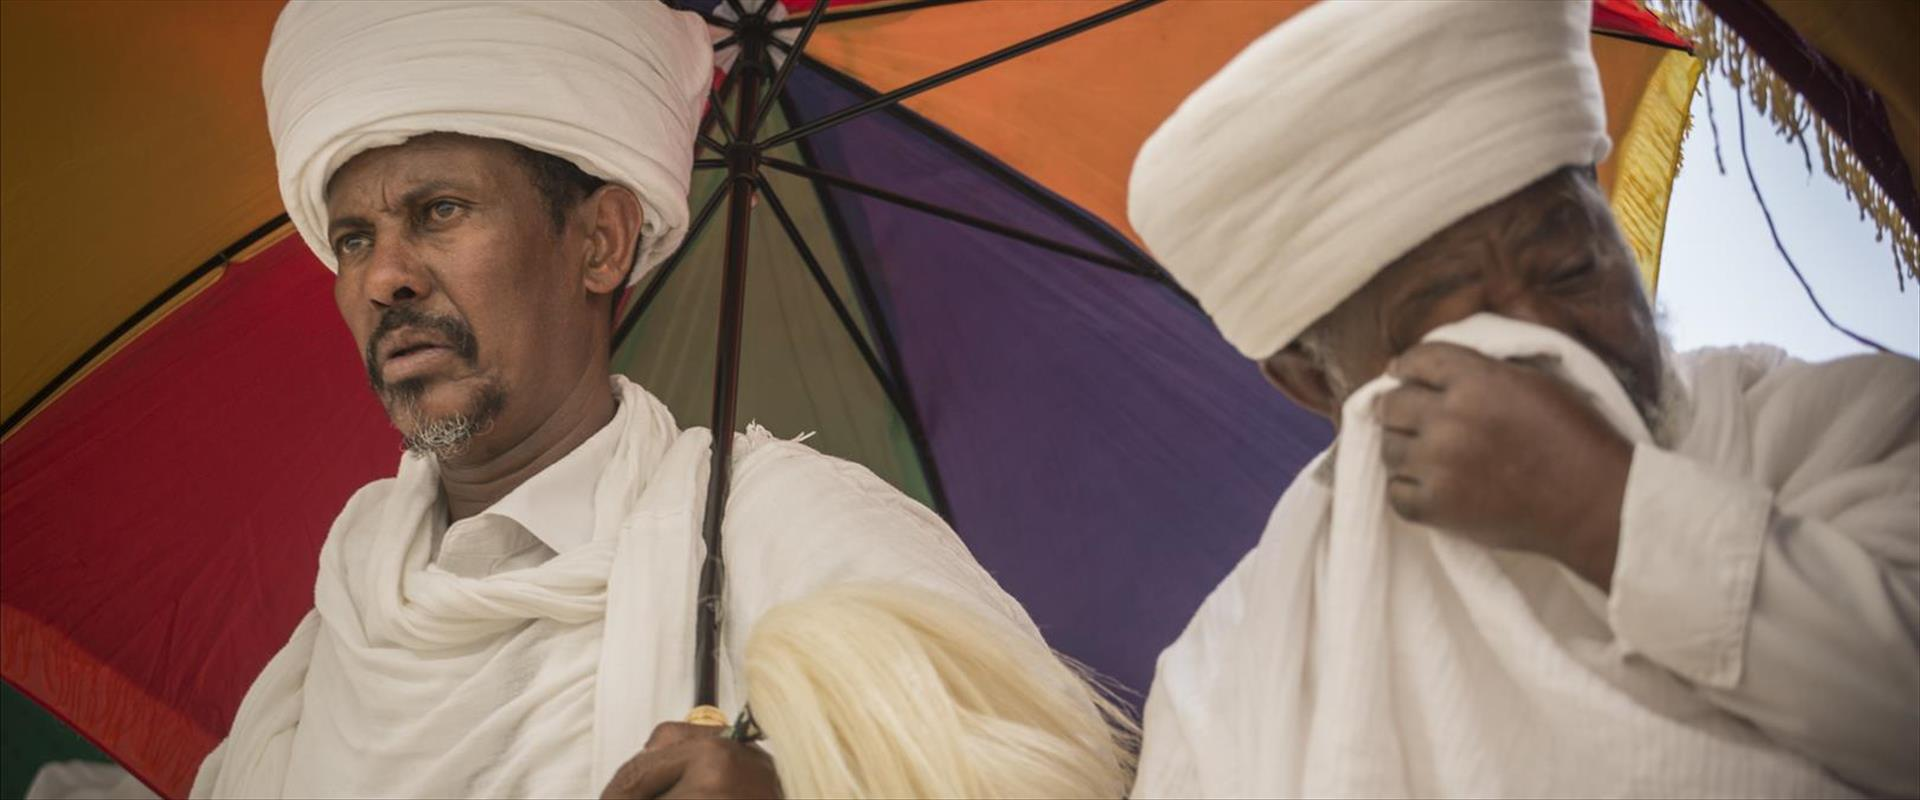 טקס האזכרה ליהודי אתיופיה, ארכיון